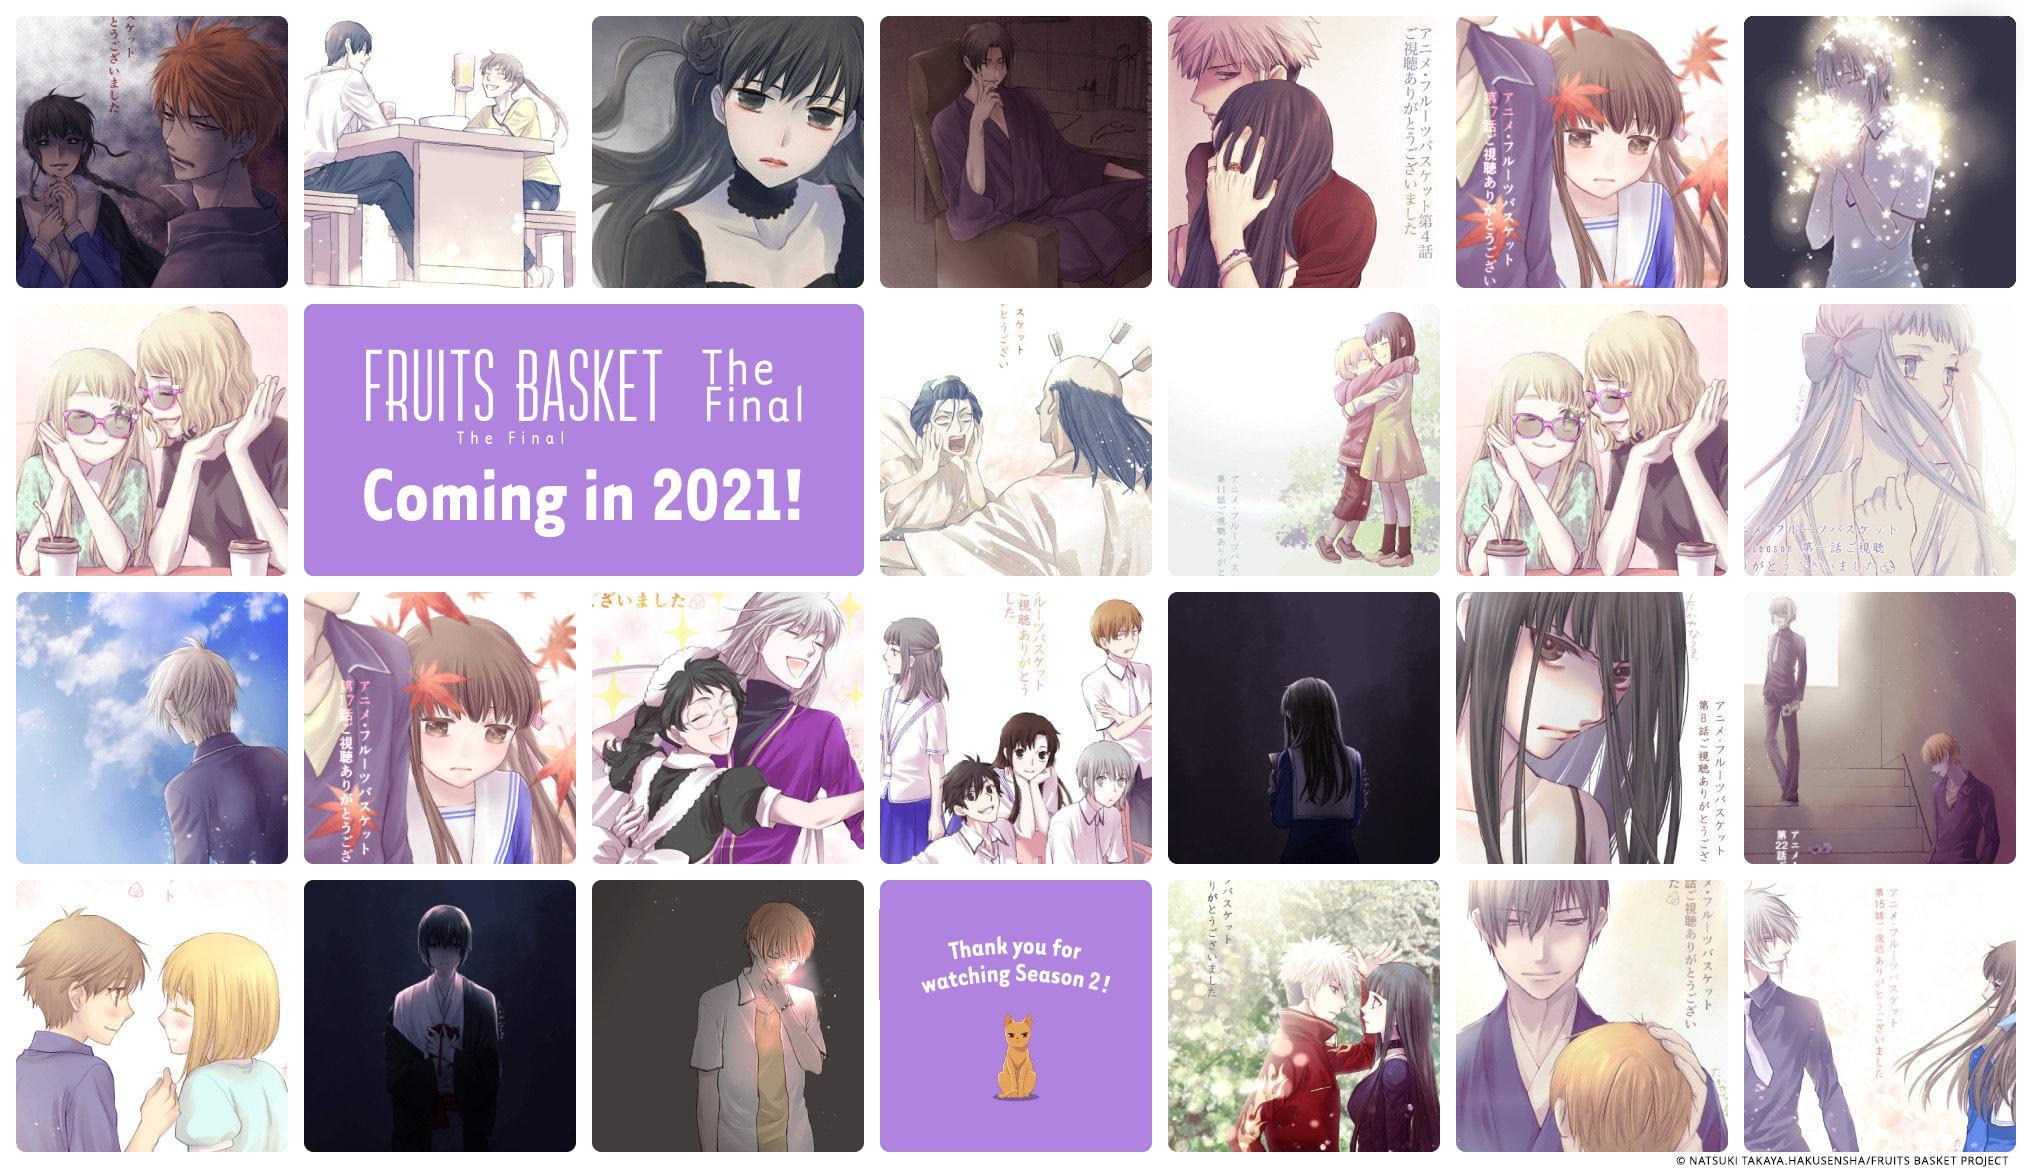 《寻找见习魔女》新视觉图公开、TV动画《水果篮子》最终章2021年播出- ACG17.COM